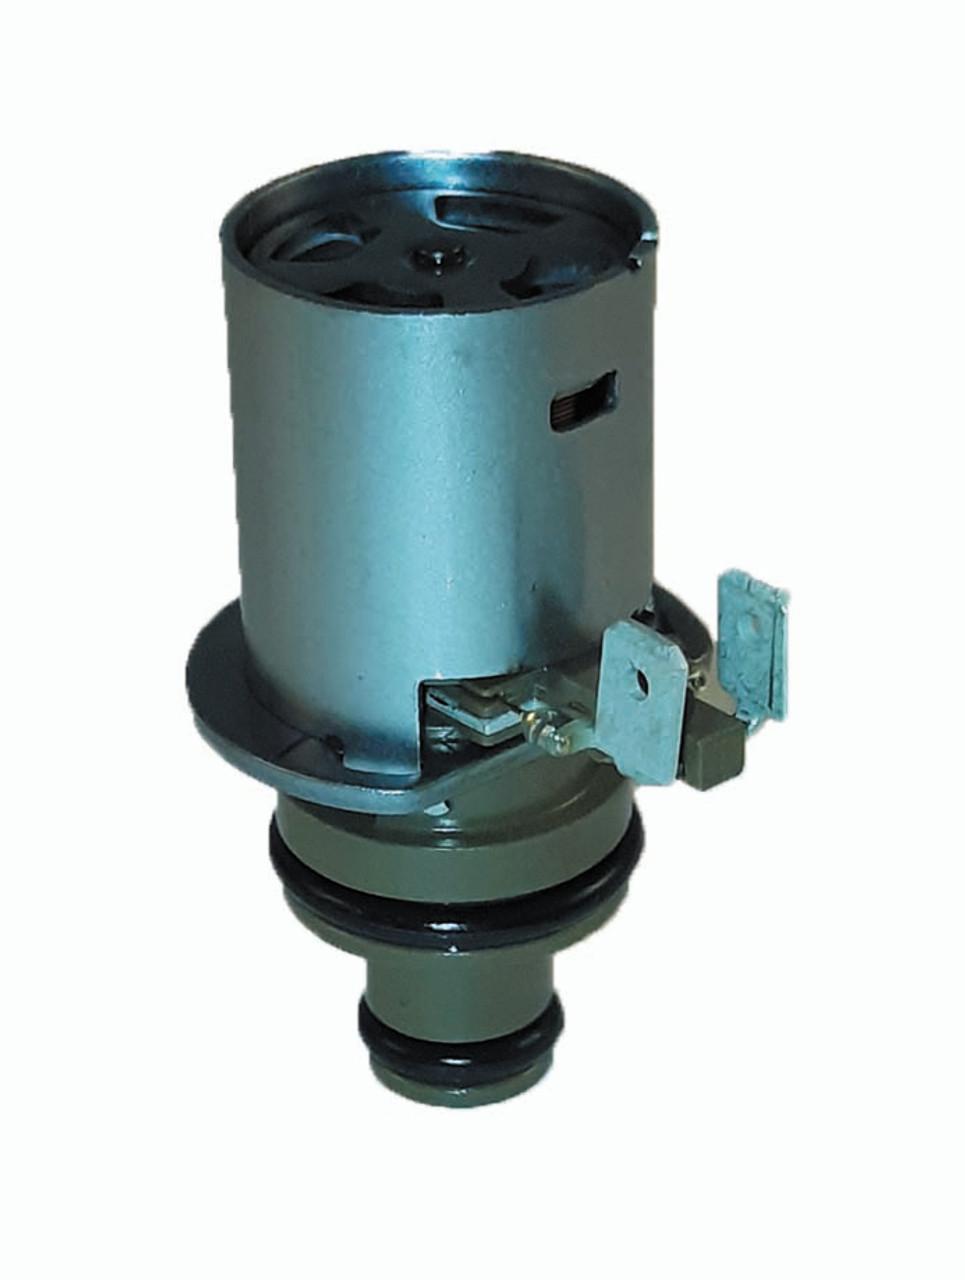 Subaru cvt TCC solenoid, tcc solenoid, TR580, TR690, lockup solenoid